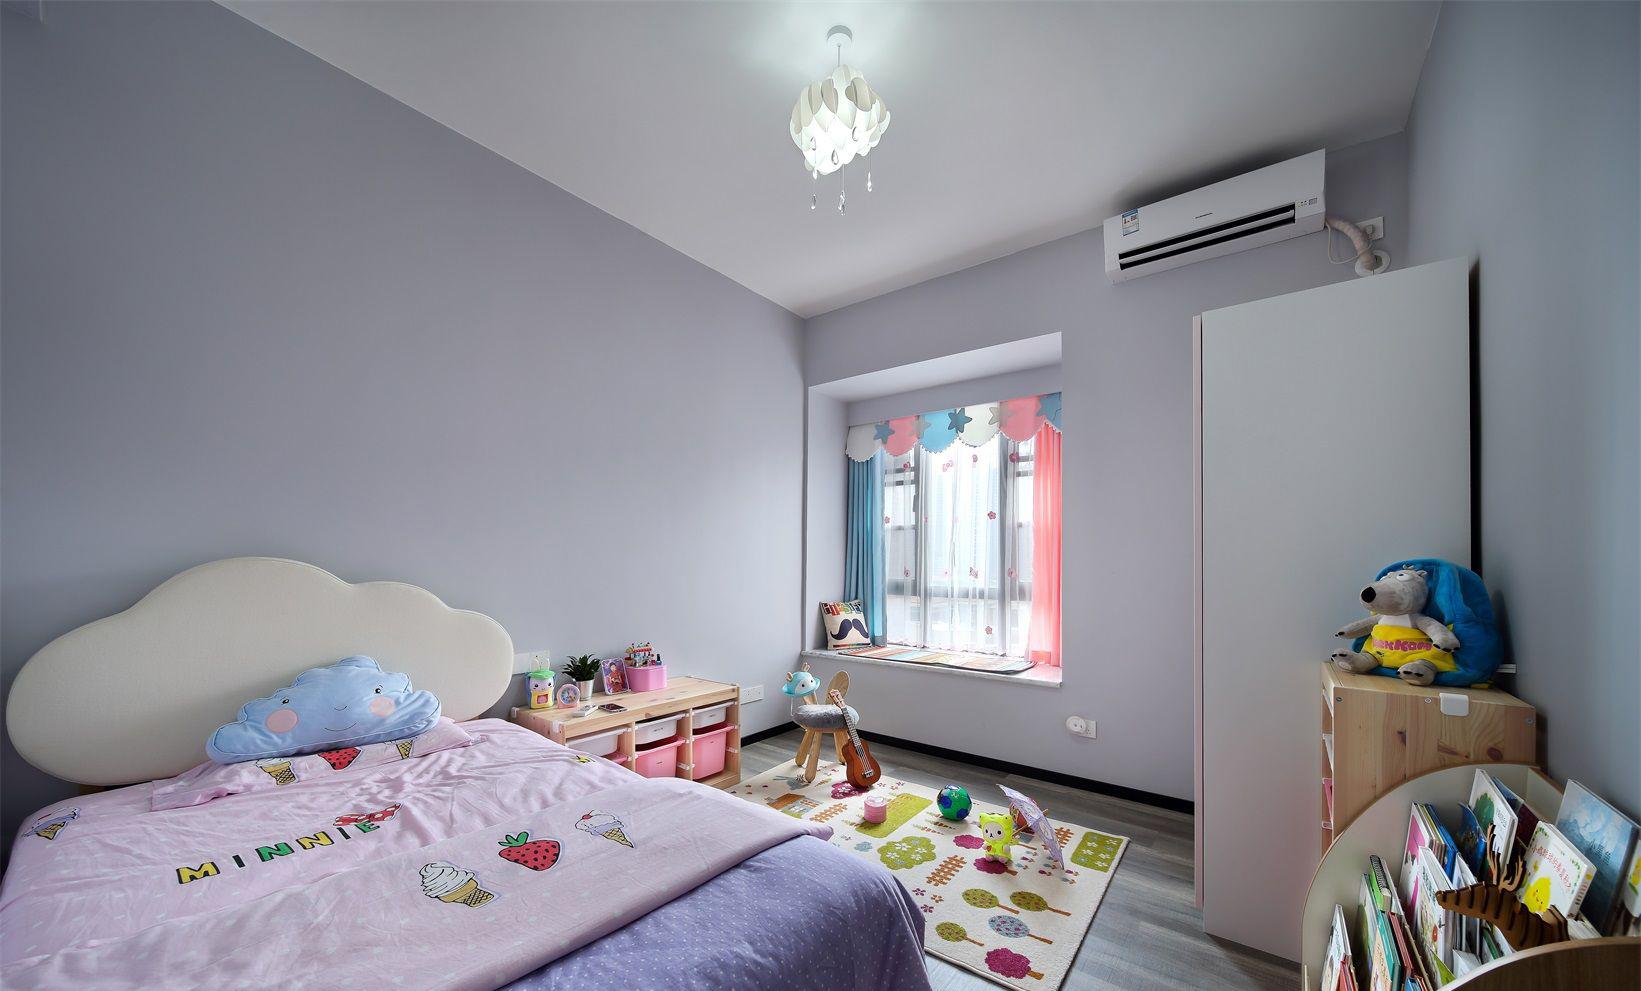 儿童房间的装饰中,设计师更注重色调的搭配整个房间更加的活跃